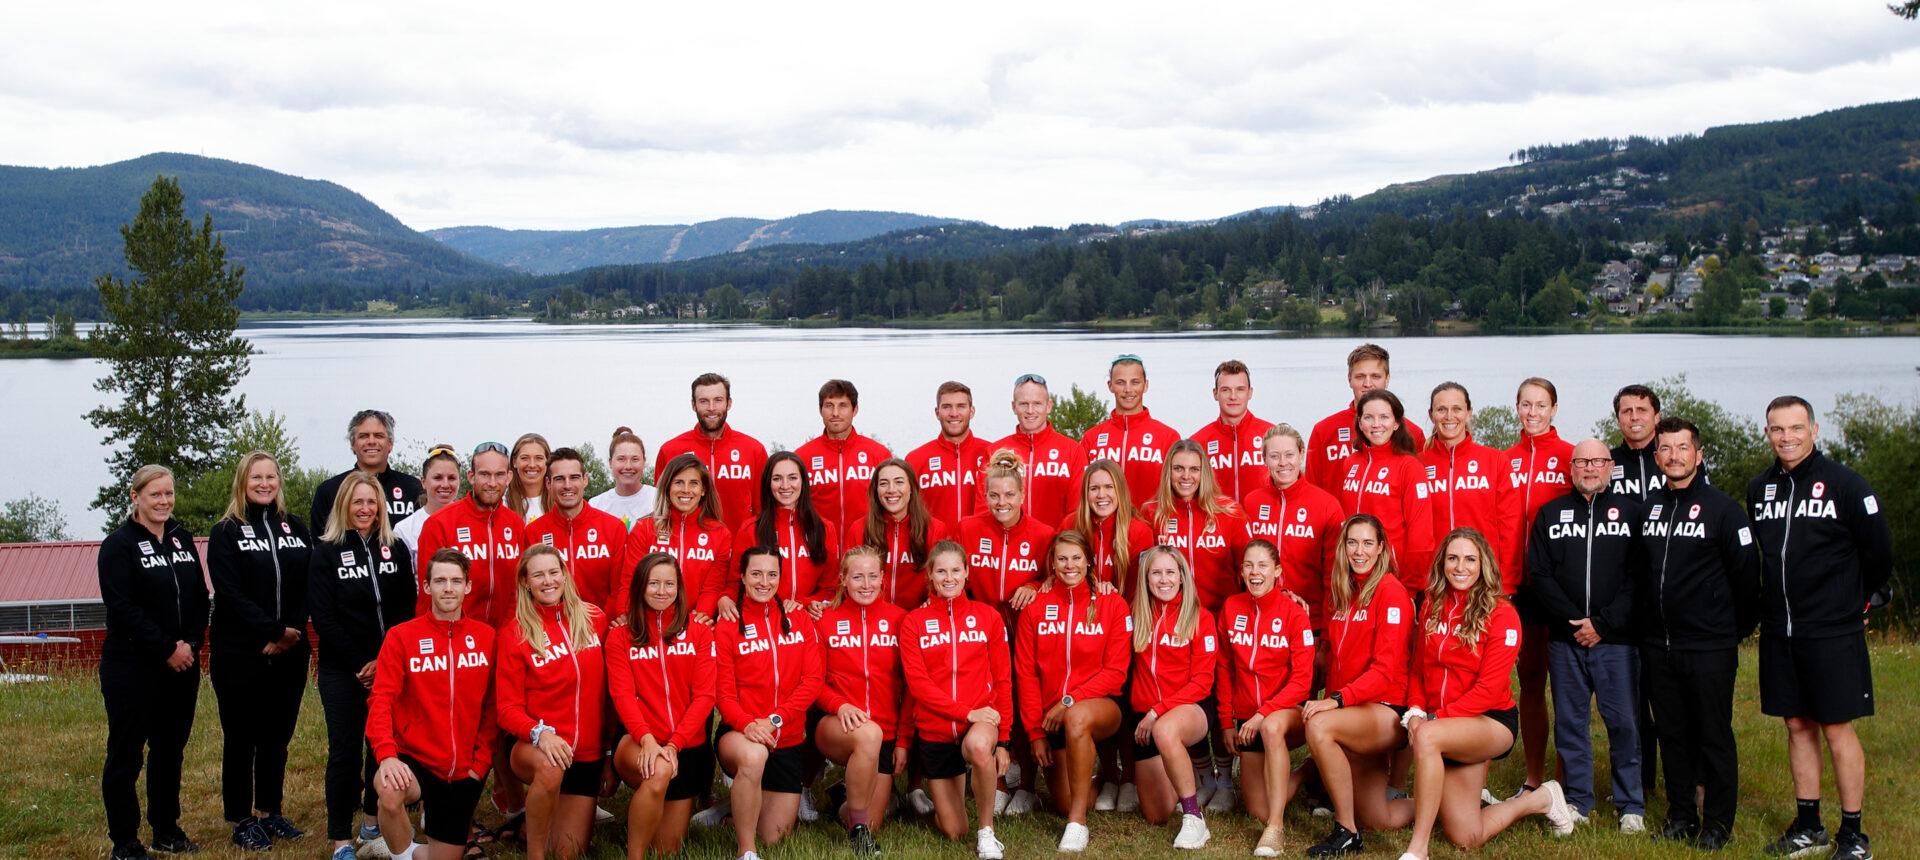 Équipe Canada envoie sa plus important équipe d'aviron en 25 ans aux Jeux de Tokyo 2020